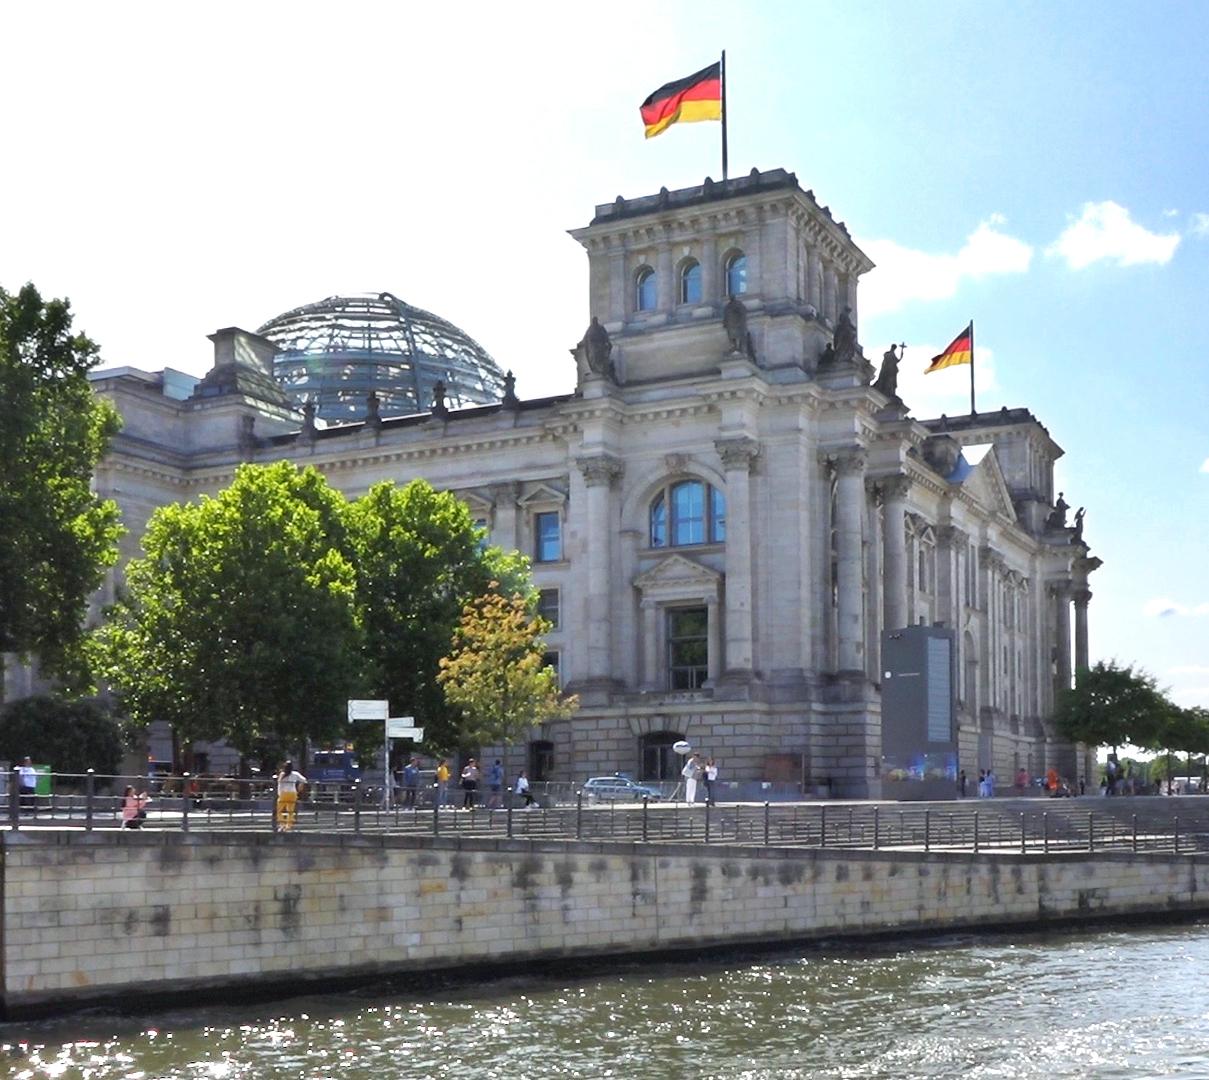 Spreefahrten Berlin Friedrichstraße - Reichstagsgebäude